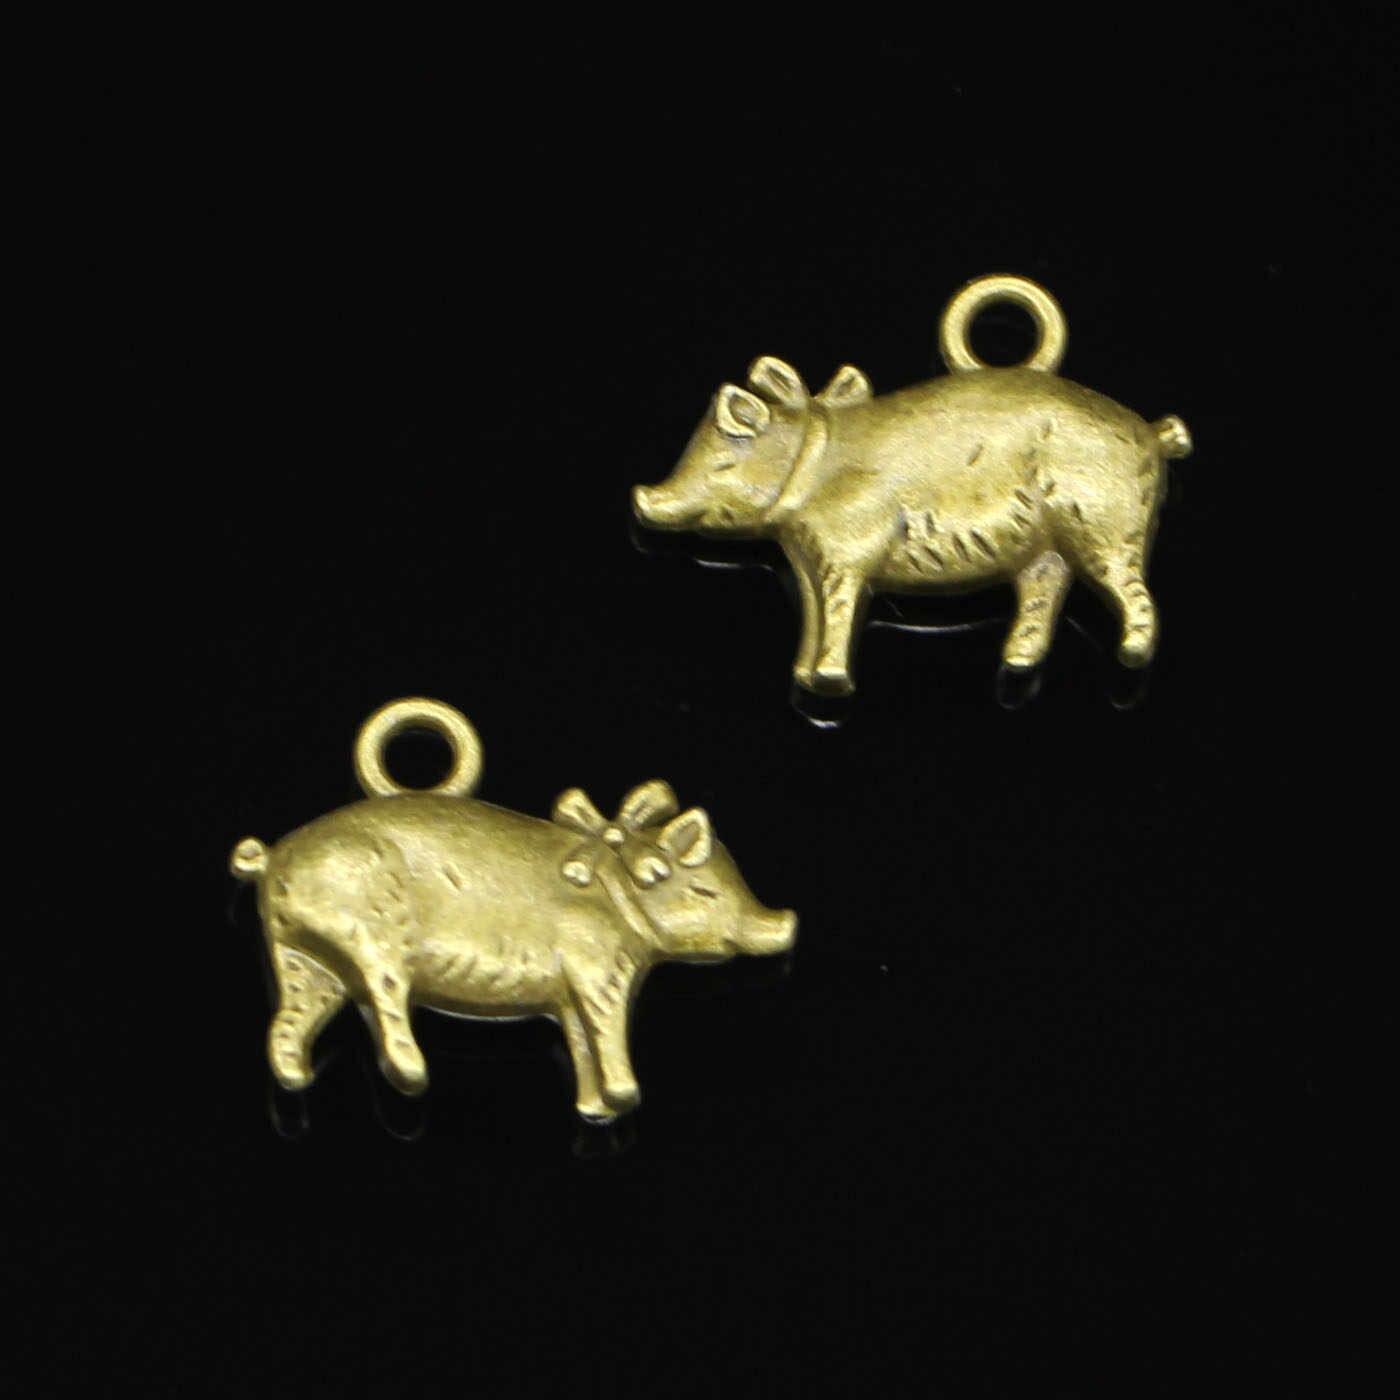 44 шт античная бронза с покрытием 3D Свинья Подвески для самостоятельного изготовления ювелирных изделий Подвески ручной работы 21*16 мм